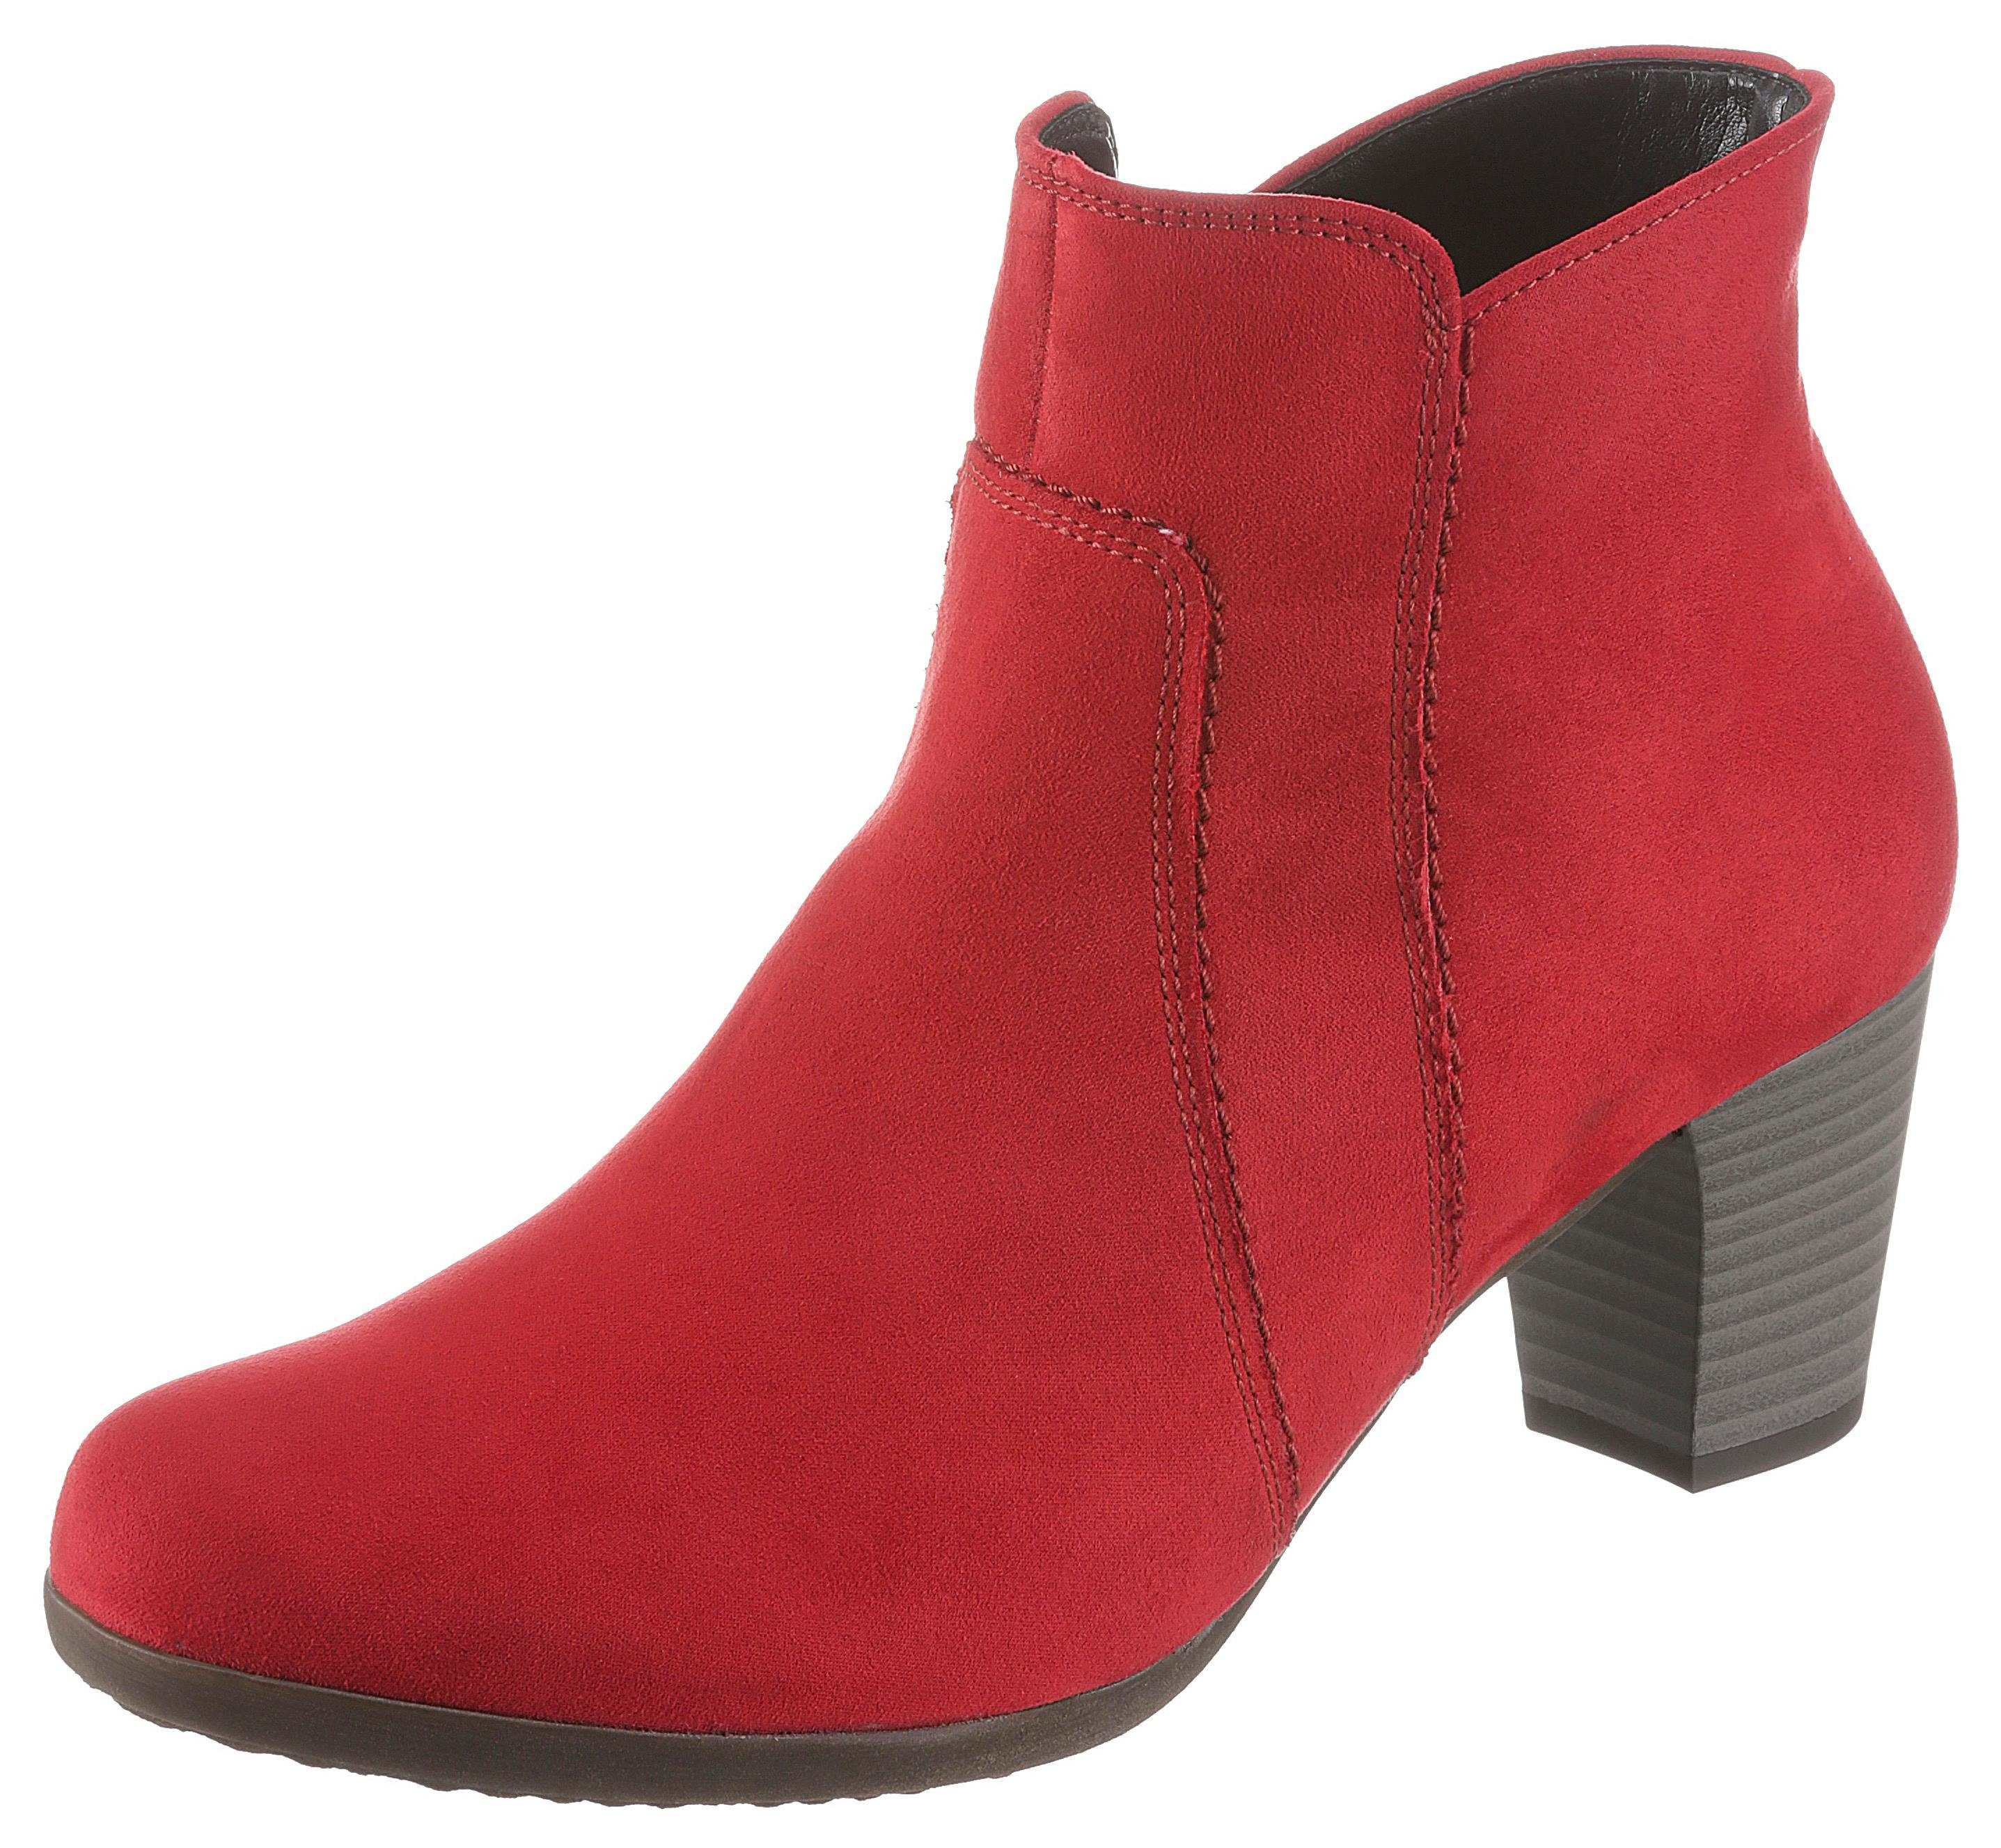 Schoenen online kopen? Kies uit ruim 8500 damesschoenen | OTTO